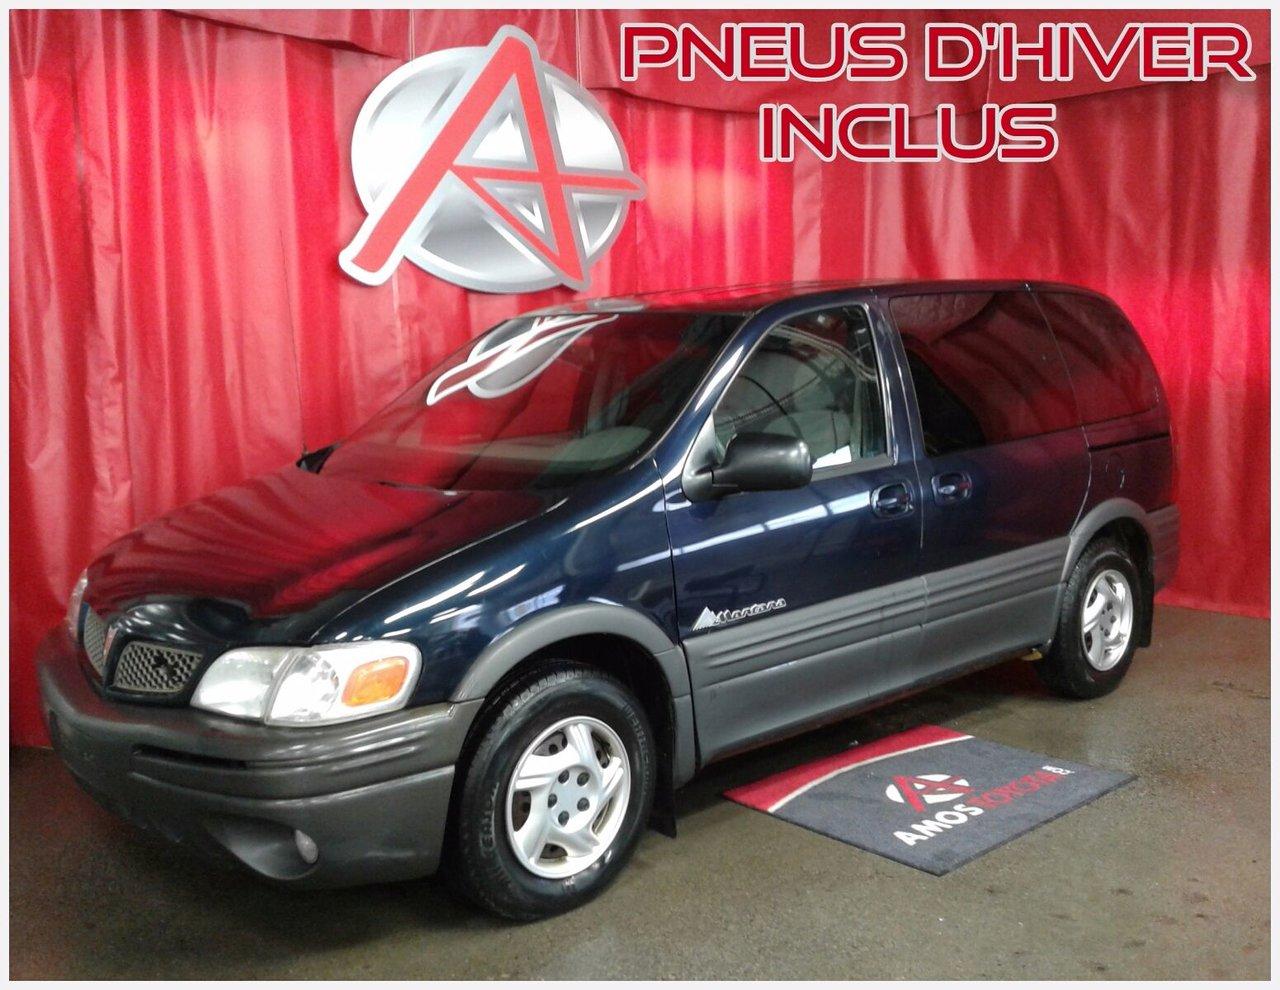 Pontiac Montana *PNEUS HIVER INCLUS* 2004